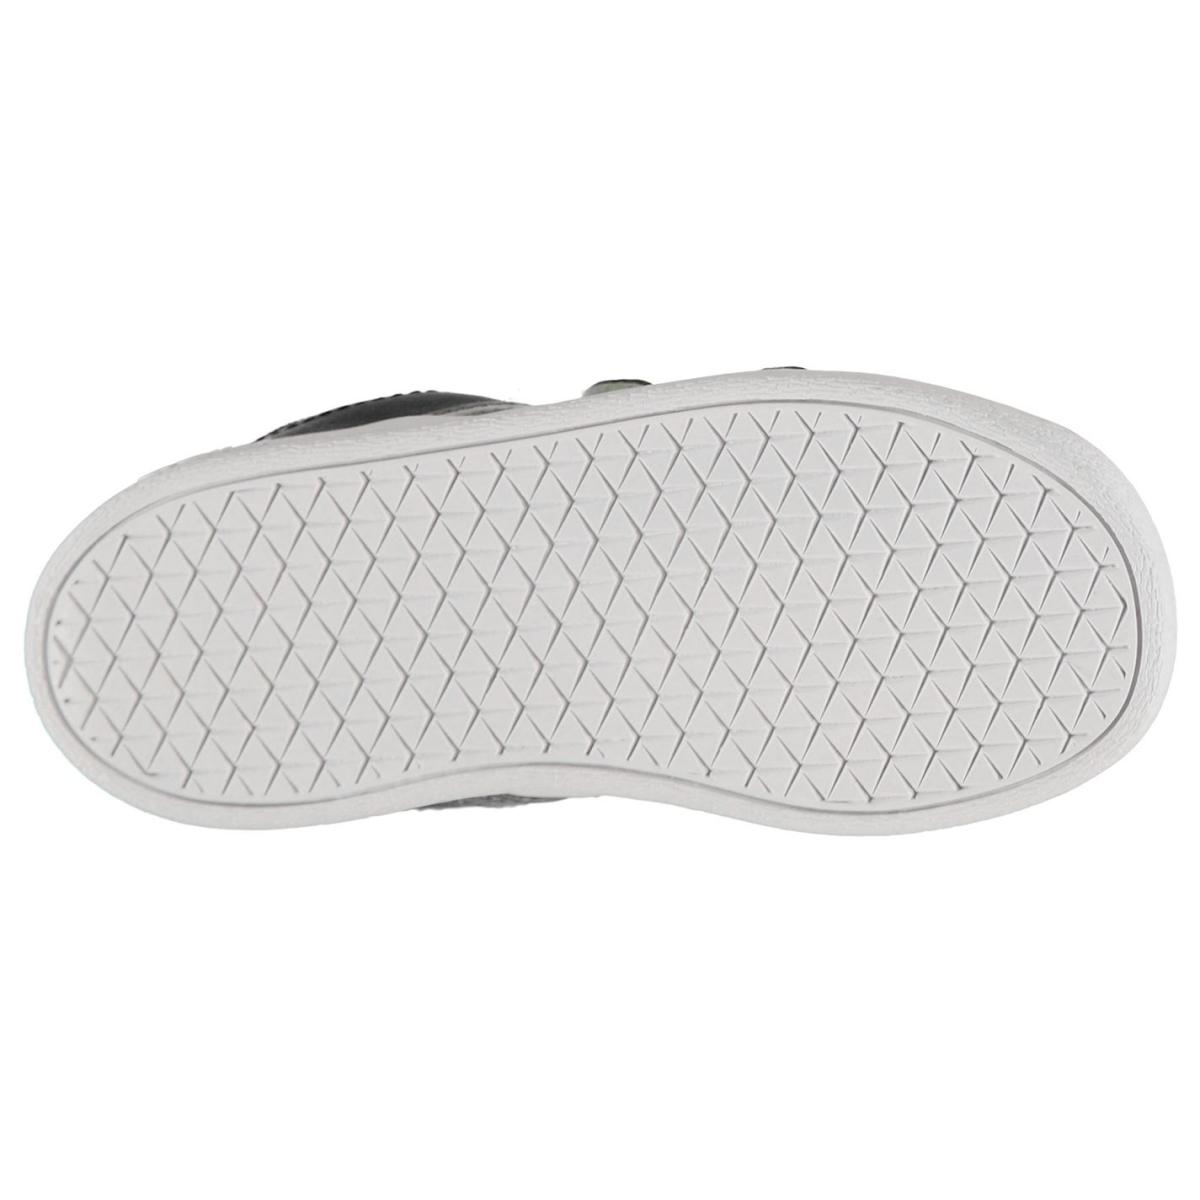 adidas Kleinkinder Turnschuhe Vl Court 2 Schwarz_Grau_Wht